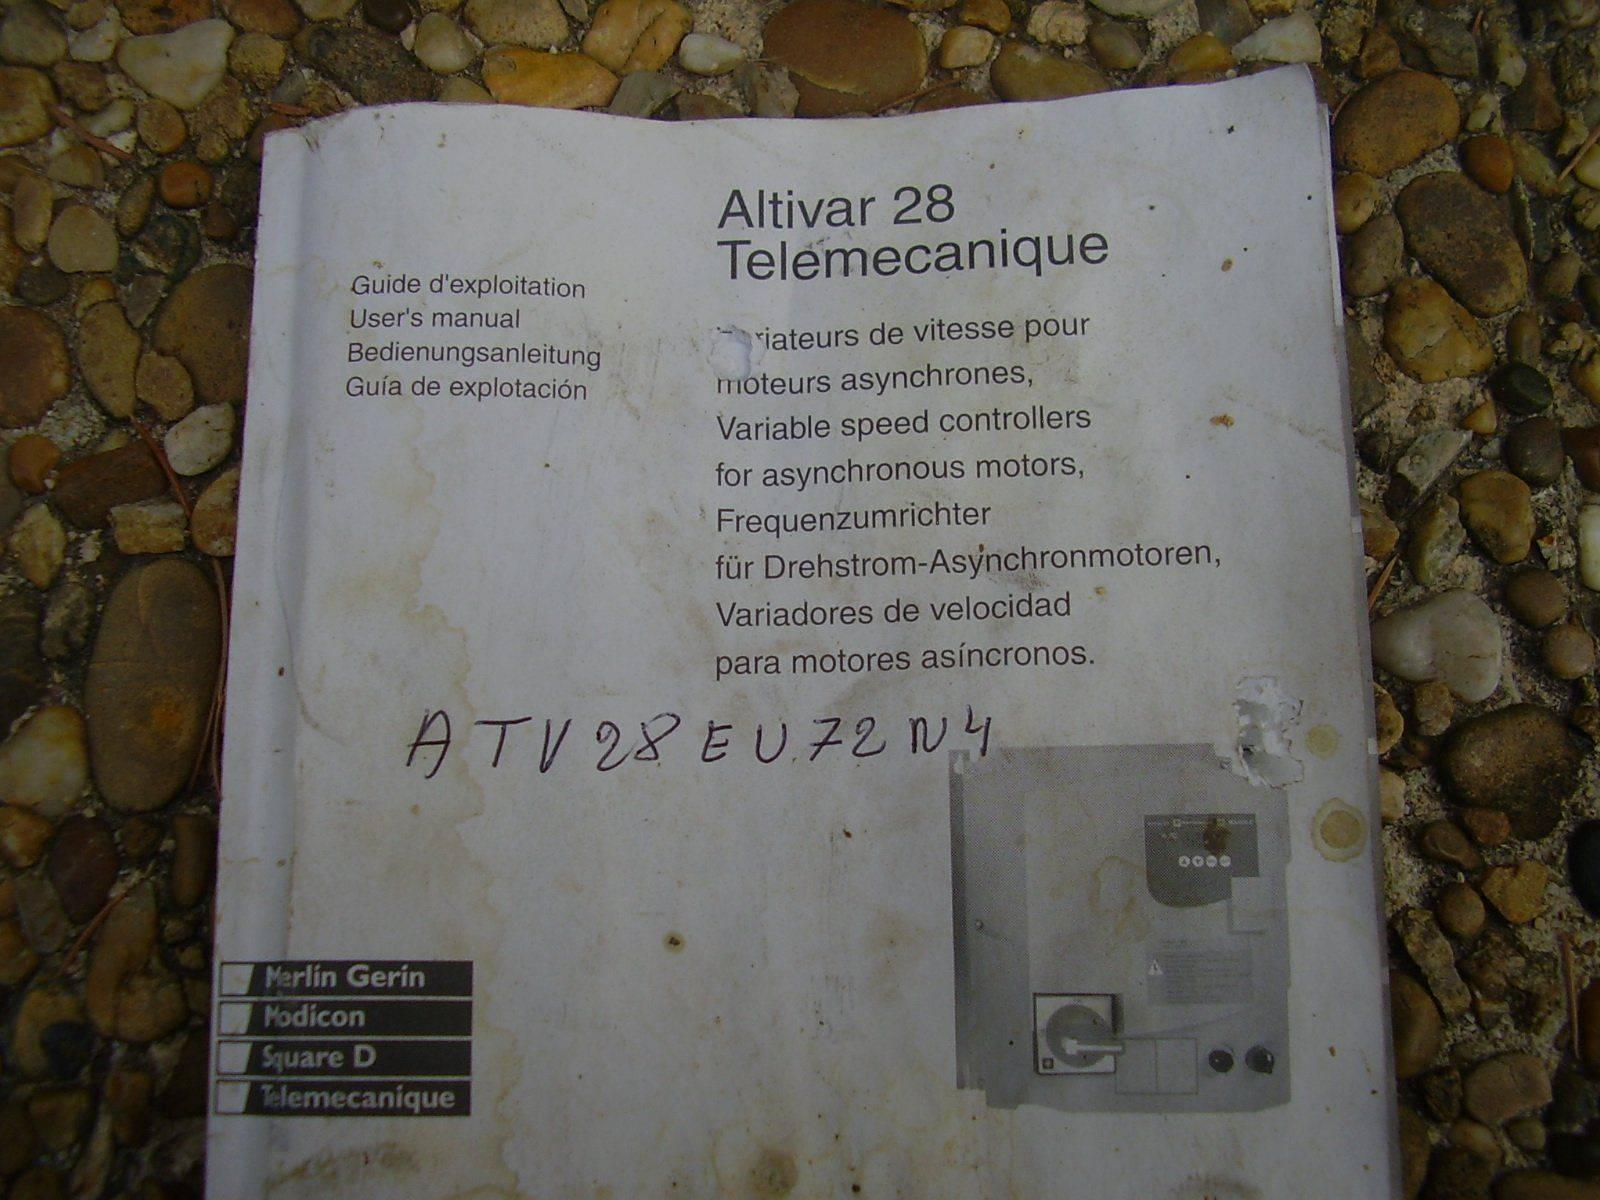 AT05.JPG